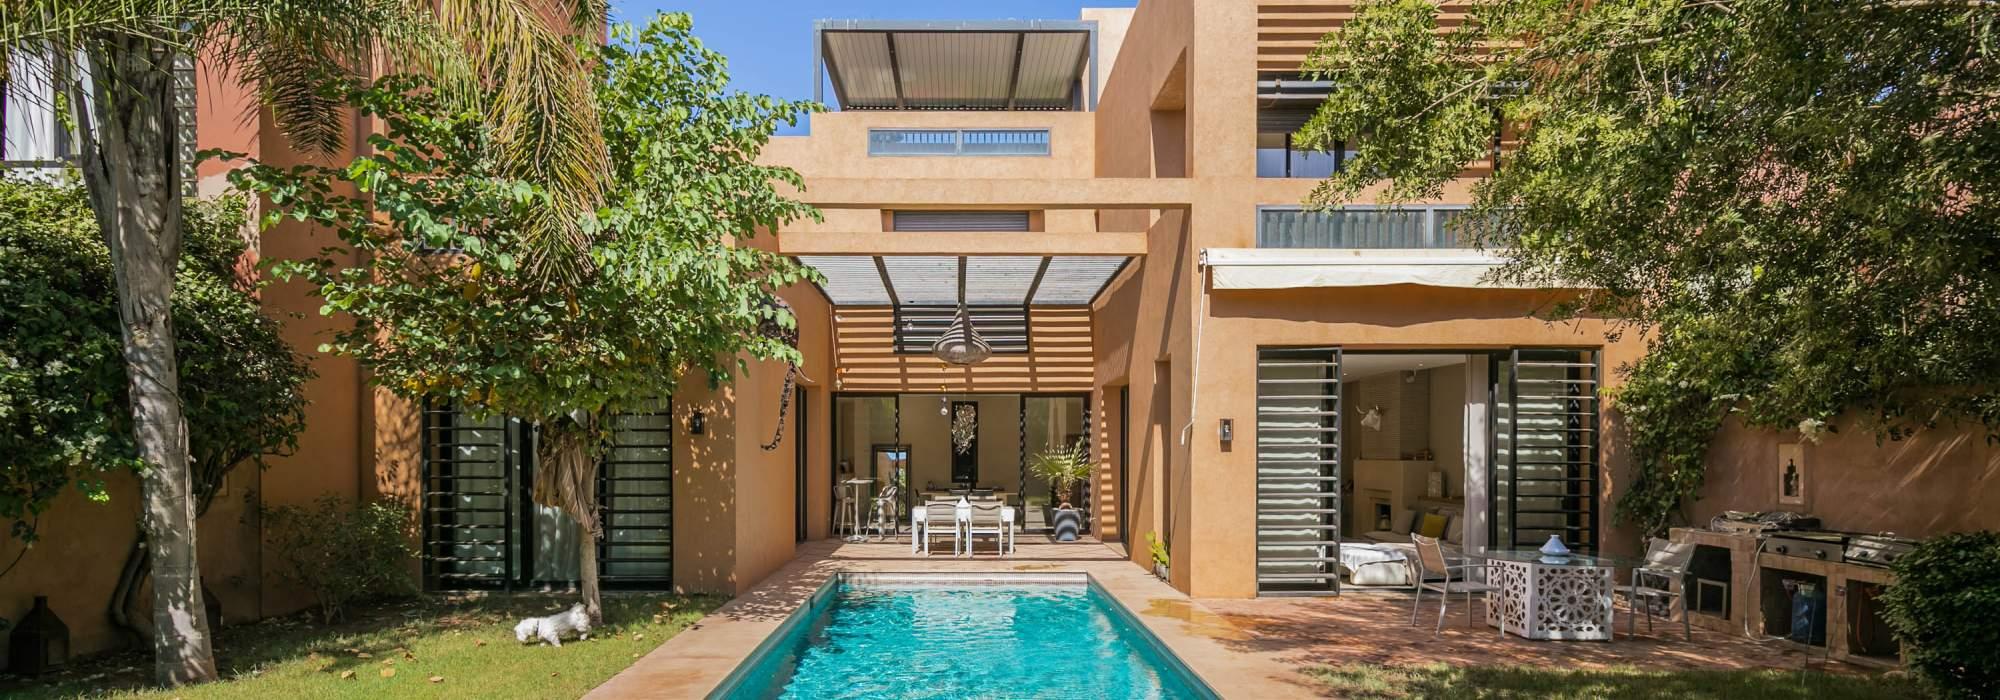 Très belle villa contemporaine a vendre sur golf  Marrakech